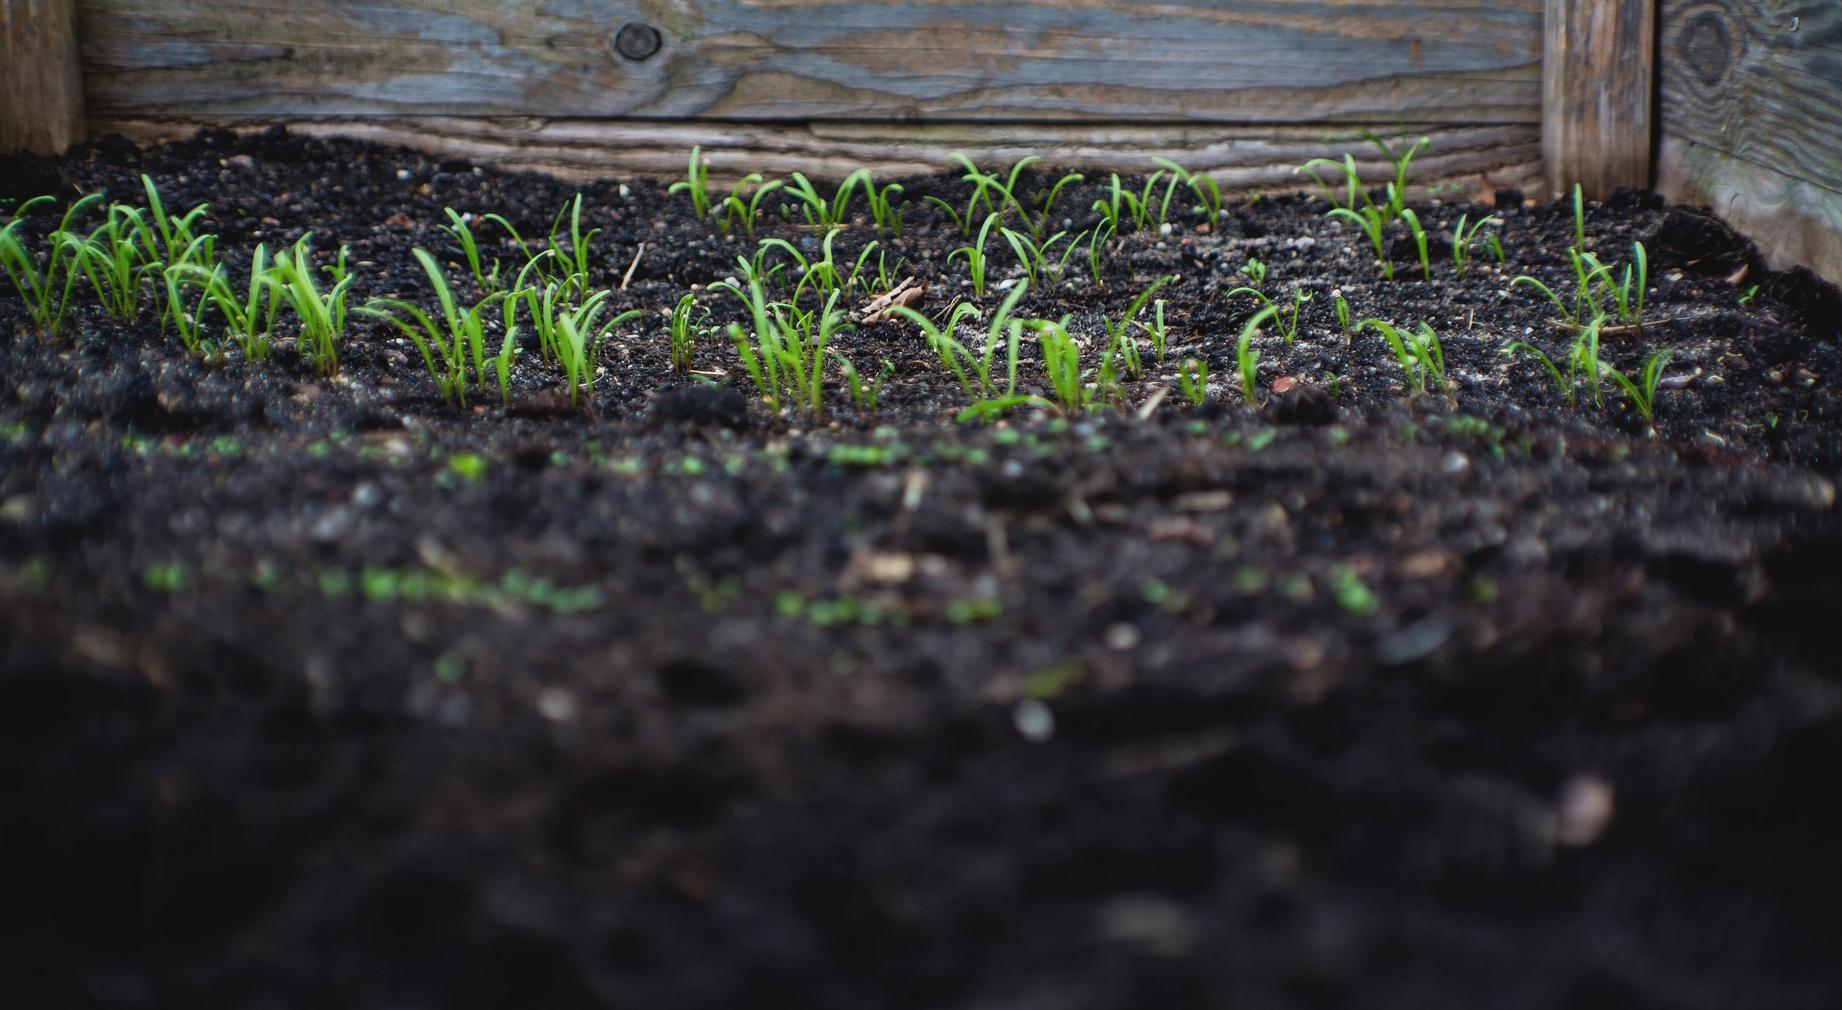 Dopo molti anni di dibattito, Il gruppo tecnico intergovernativo sui suoli della FAO ha approvato una definizione ufficiale di suolo sano. FOTO: archivio FAO.